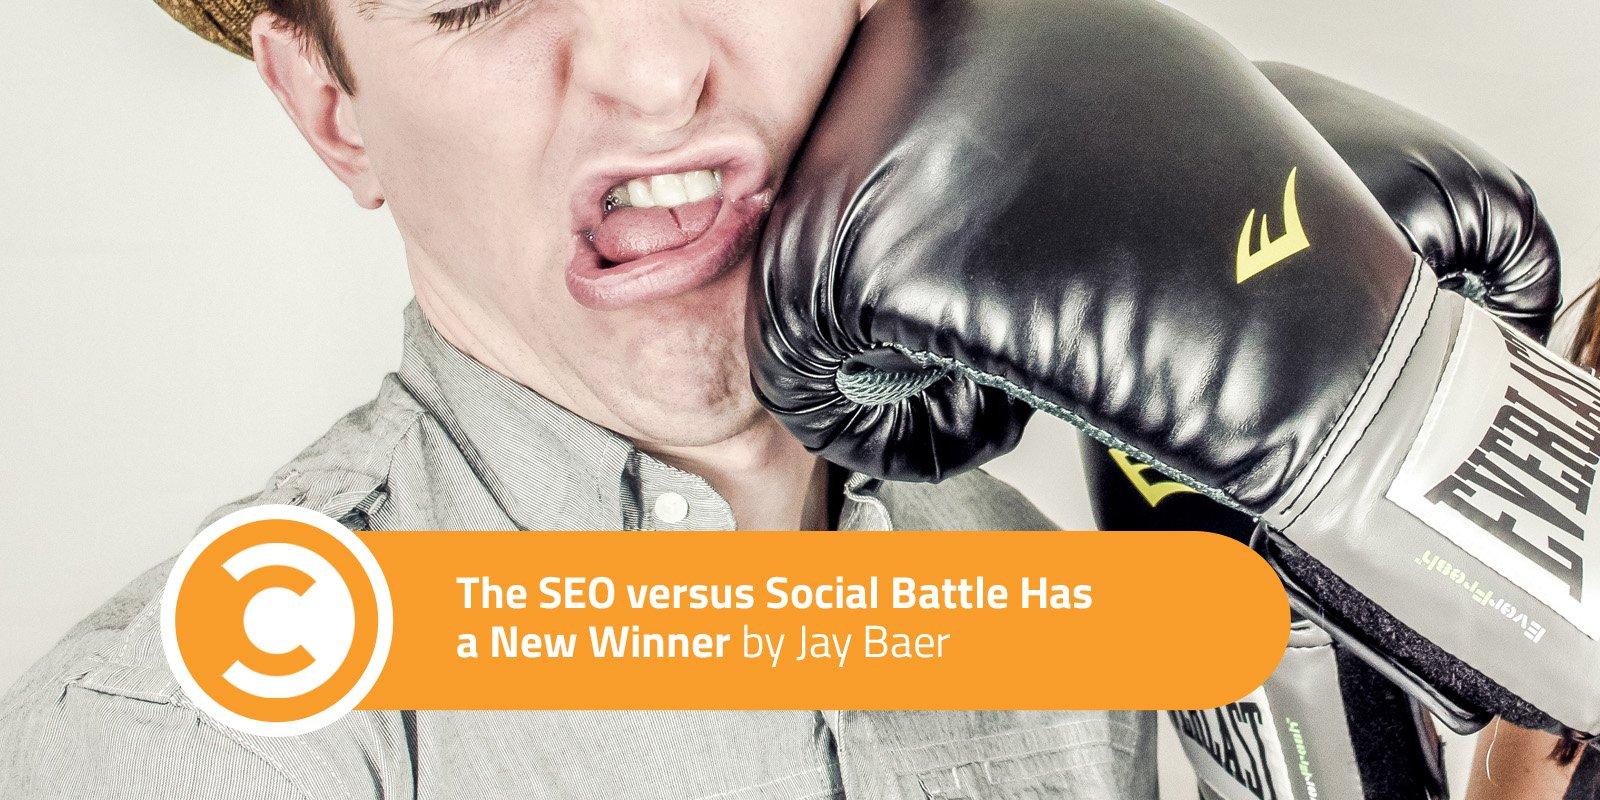 The SEO versus Social Battle Has a New Winner